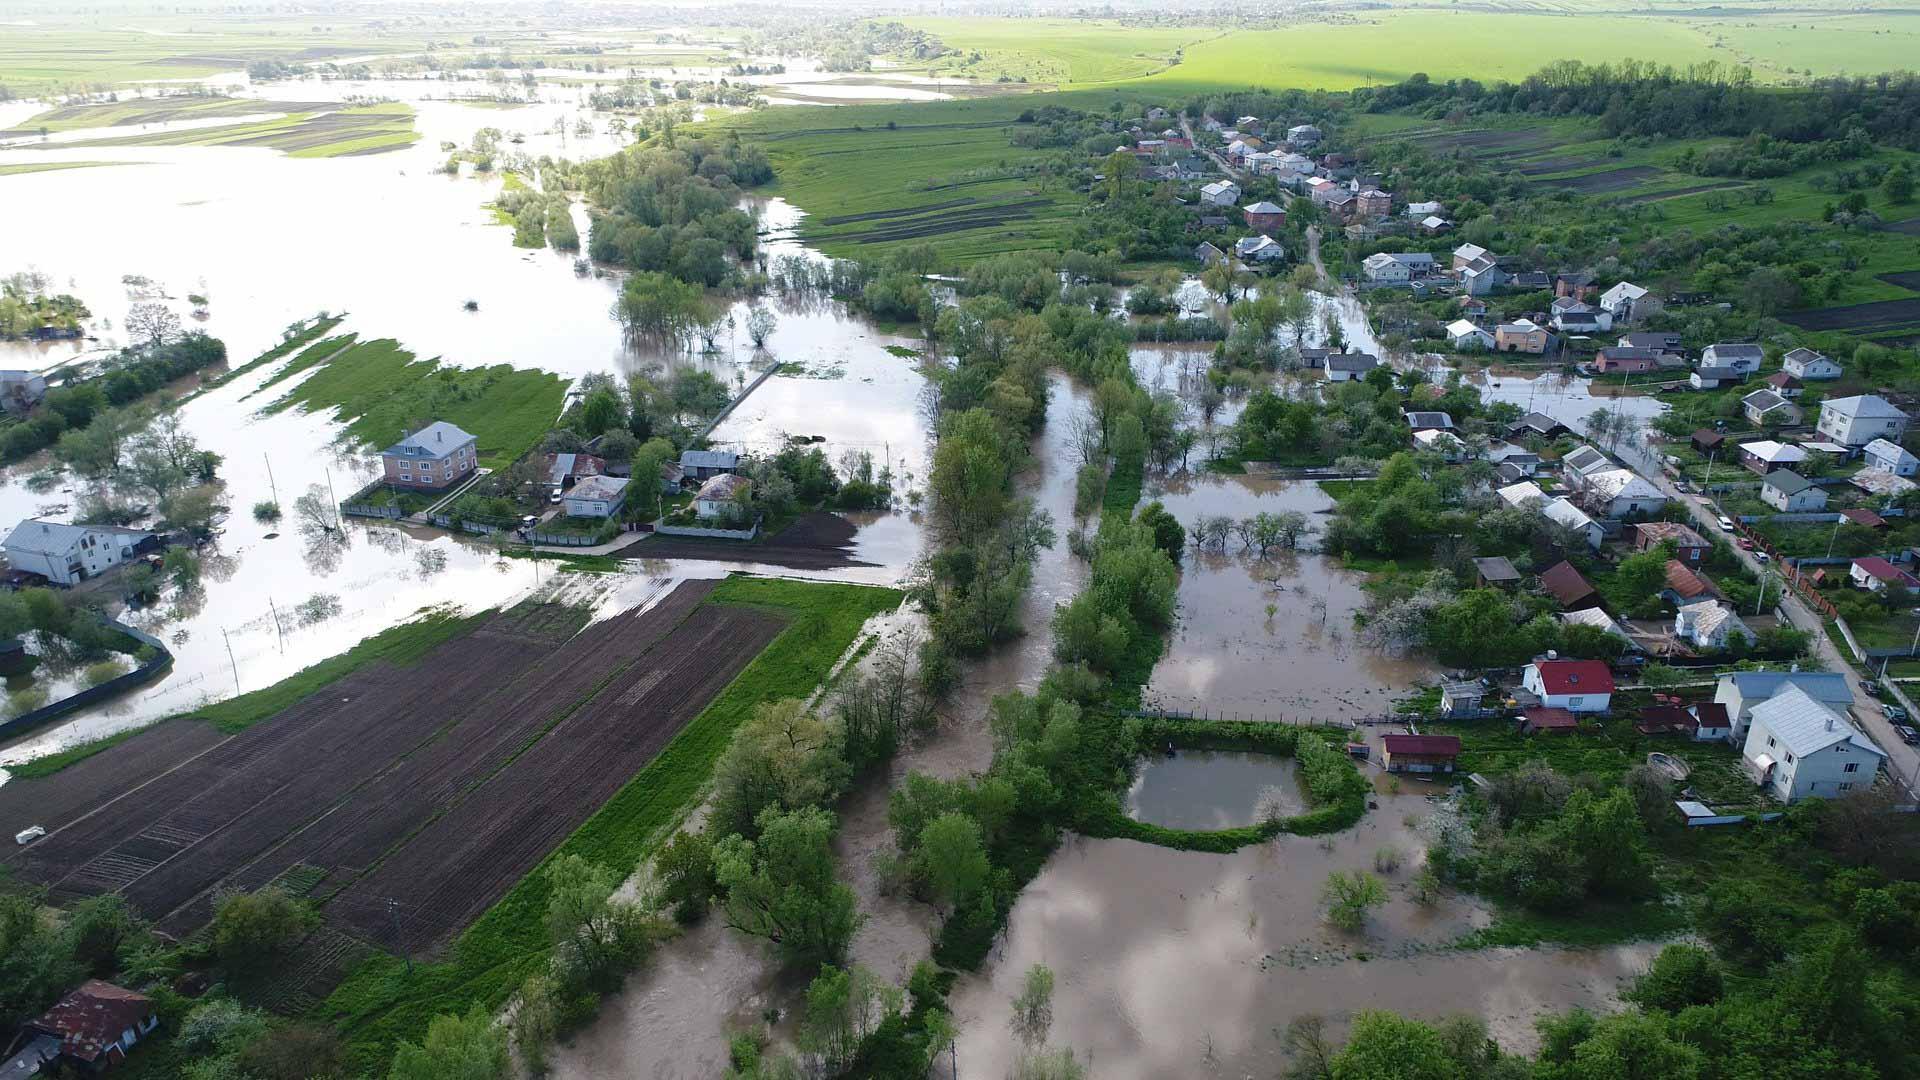 На Прикарпатті очікується подальший значний підйом води у Дністрі - під загрозою підтоплення населені пункти у 9 районах області